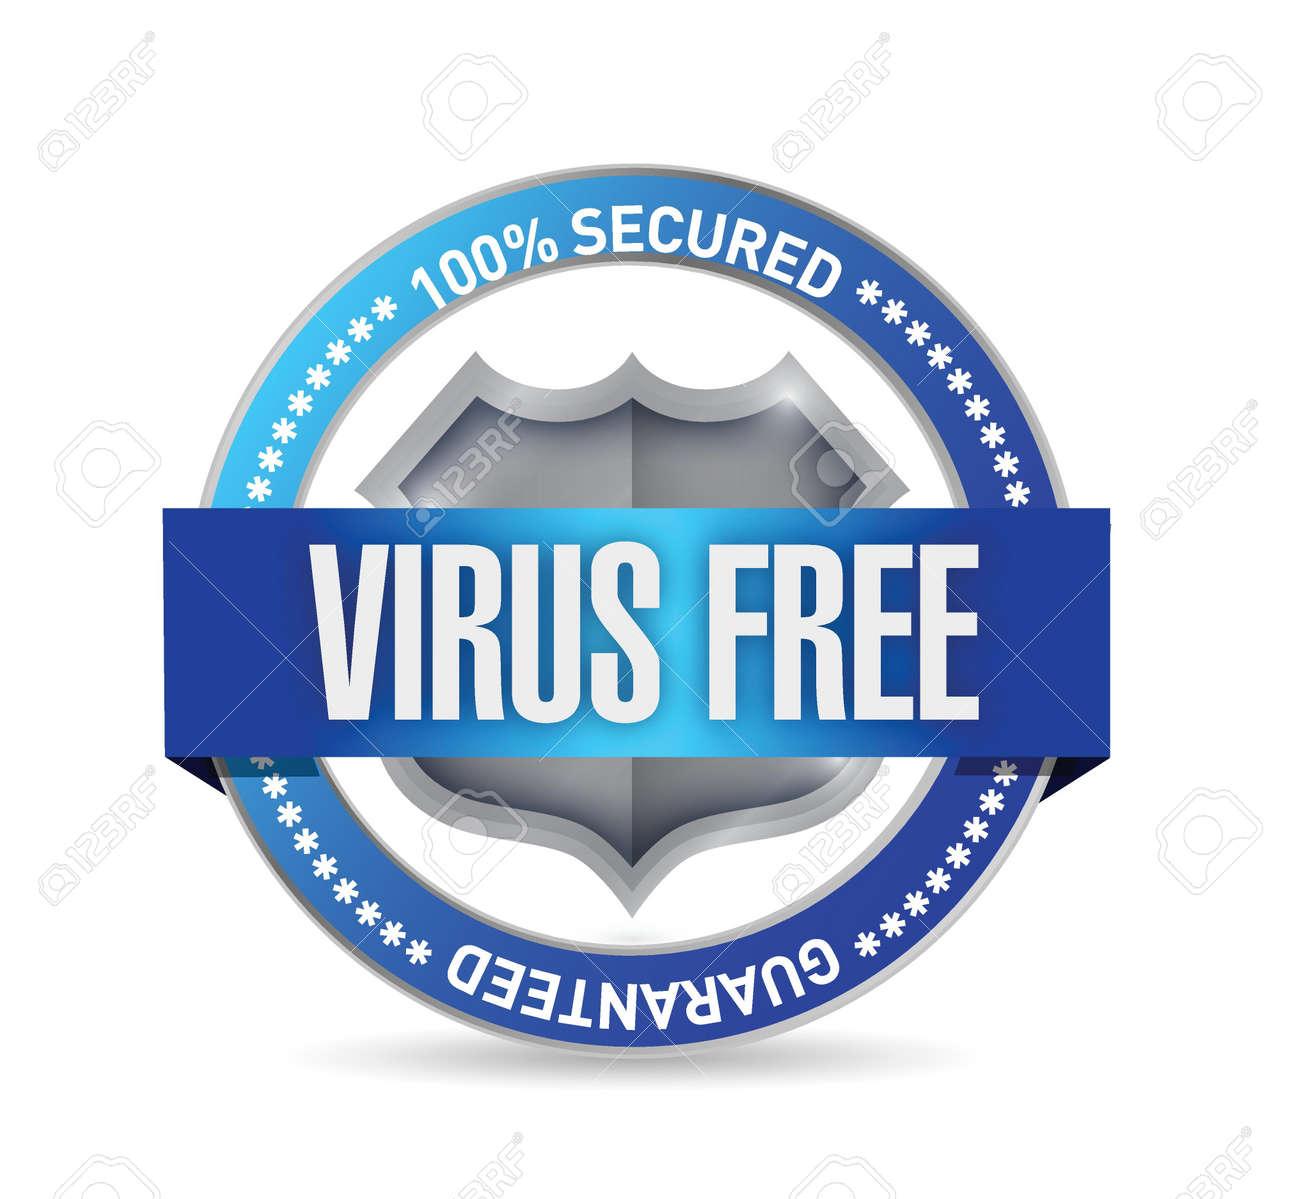 virus free seal or shield illustration design over white Stock Vector - 21371827